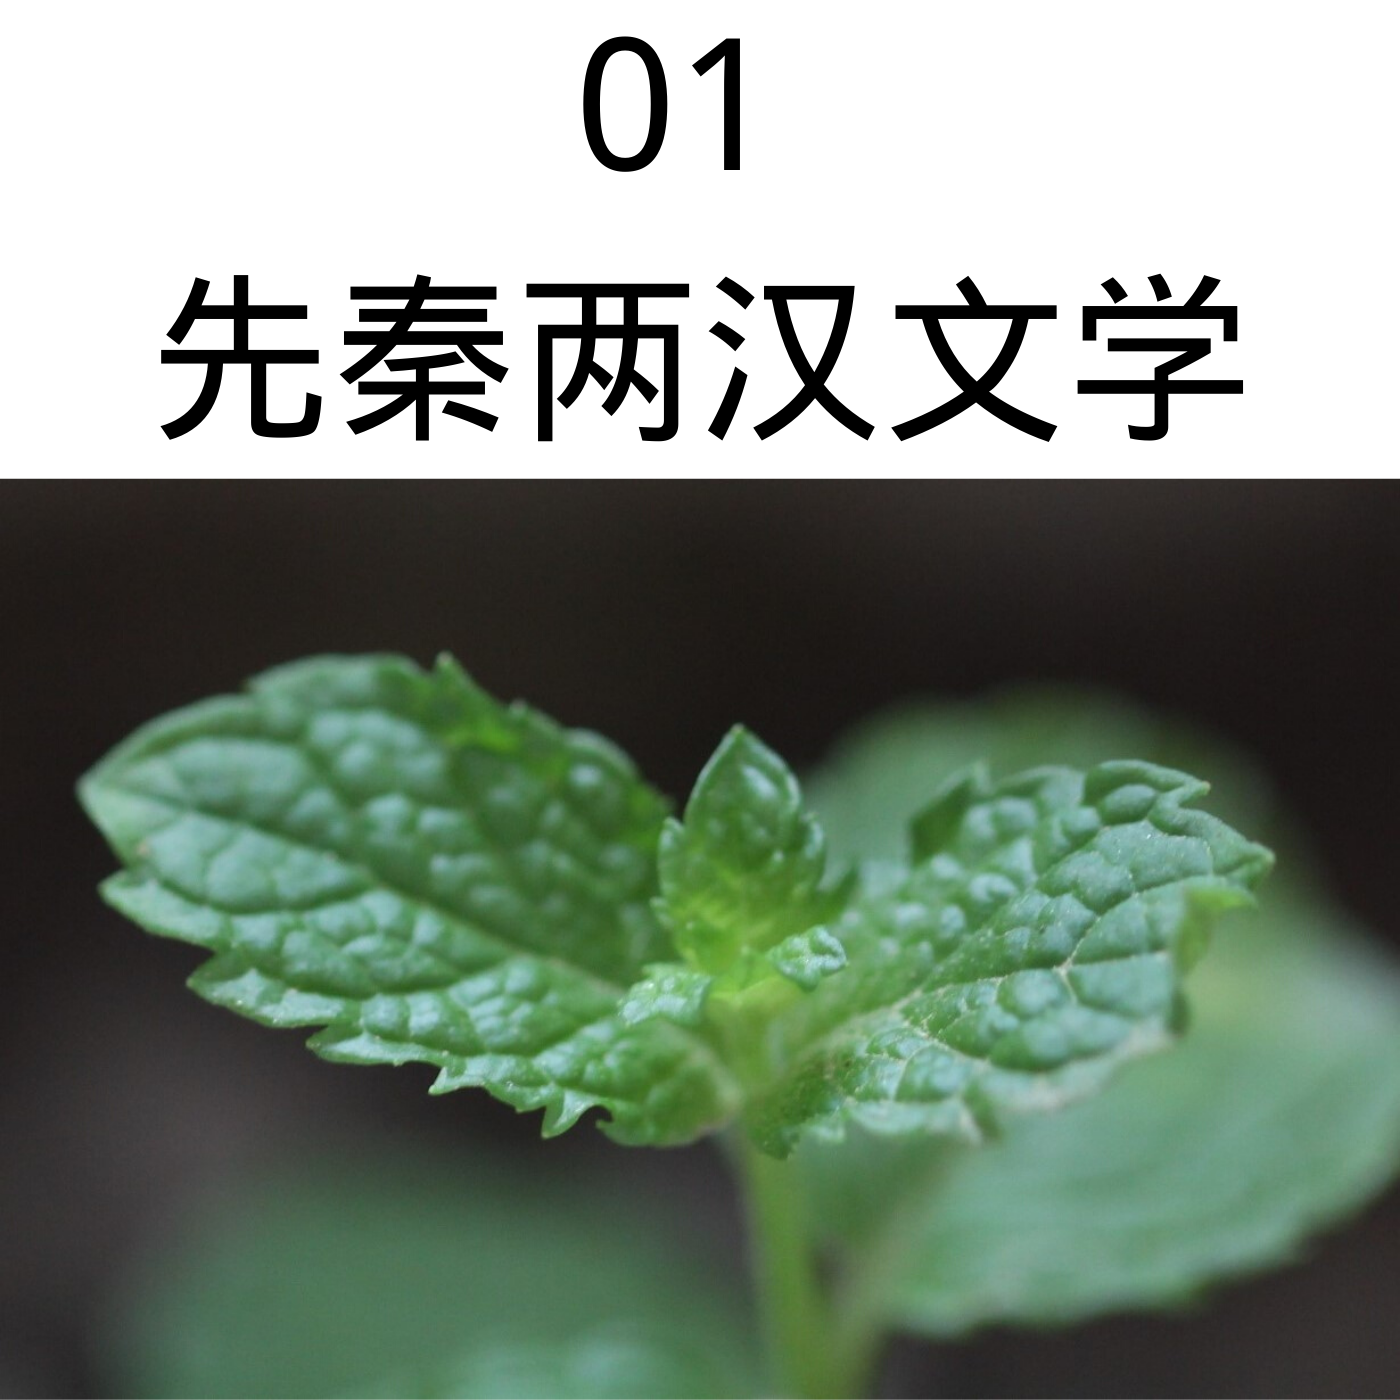 01先秦两汉文学